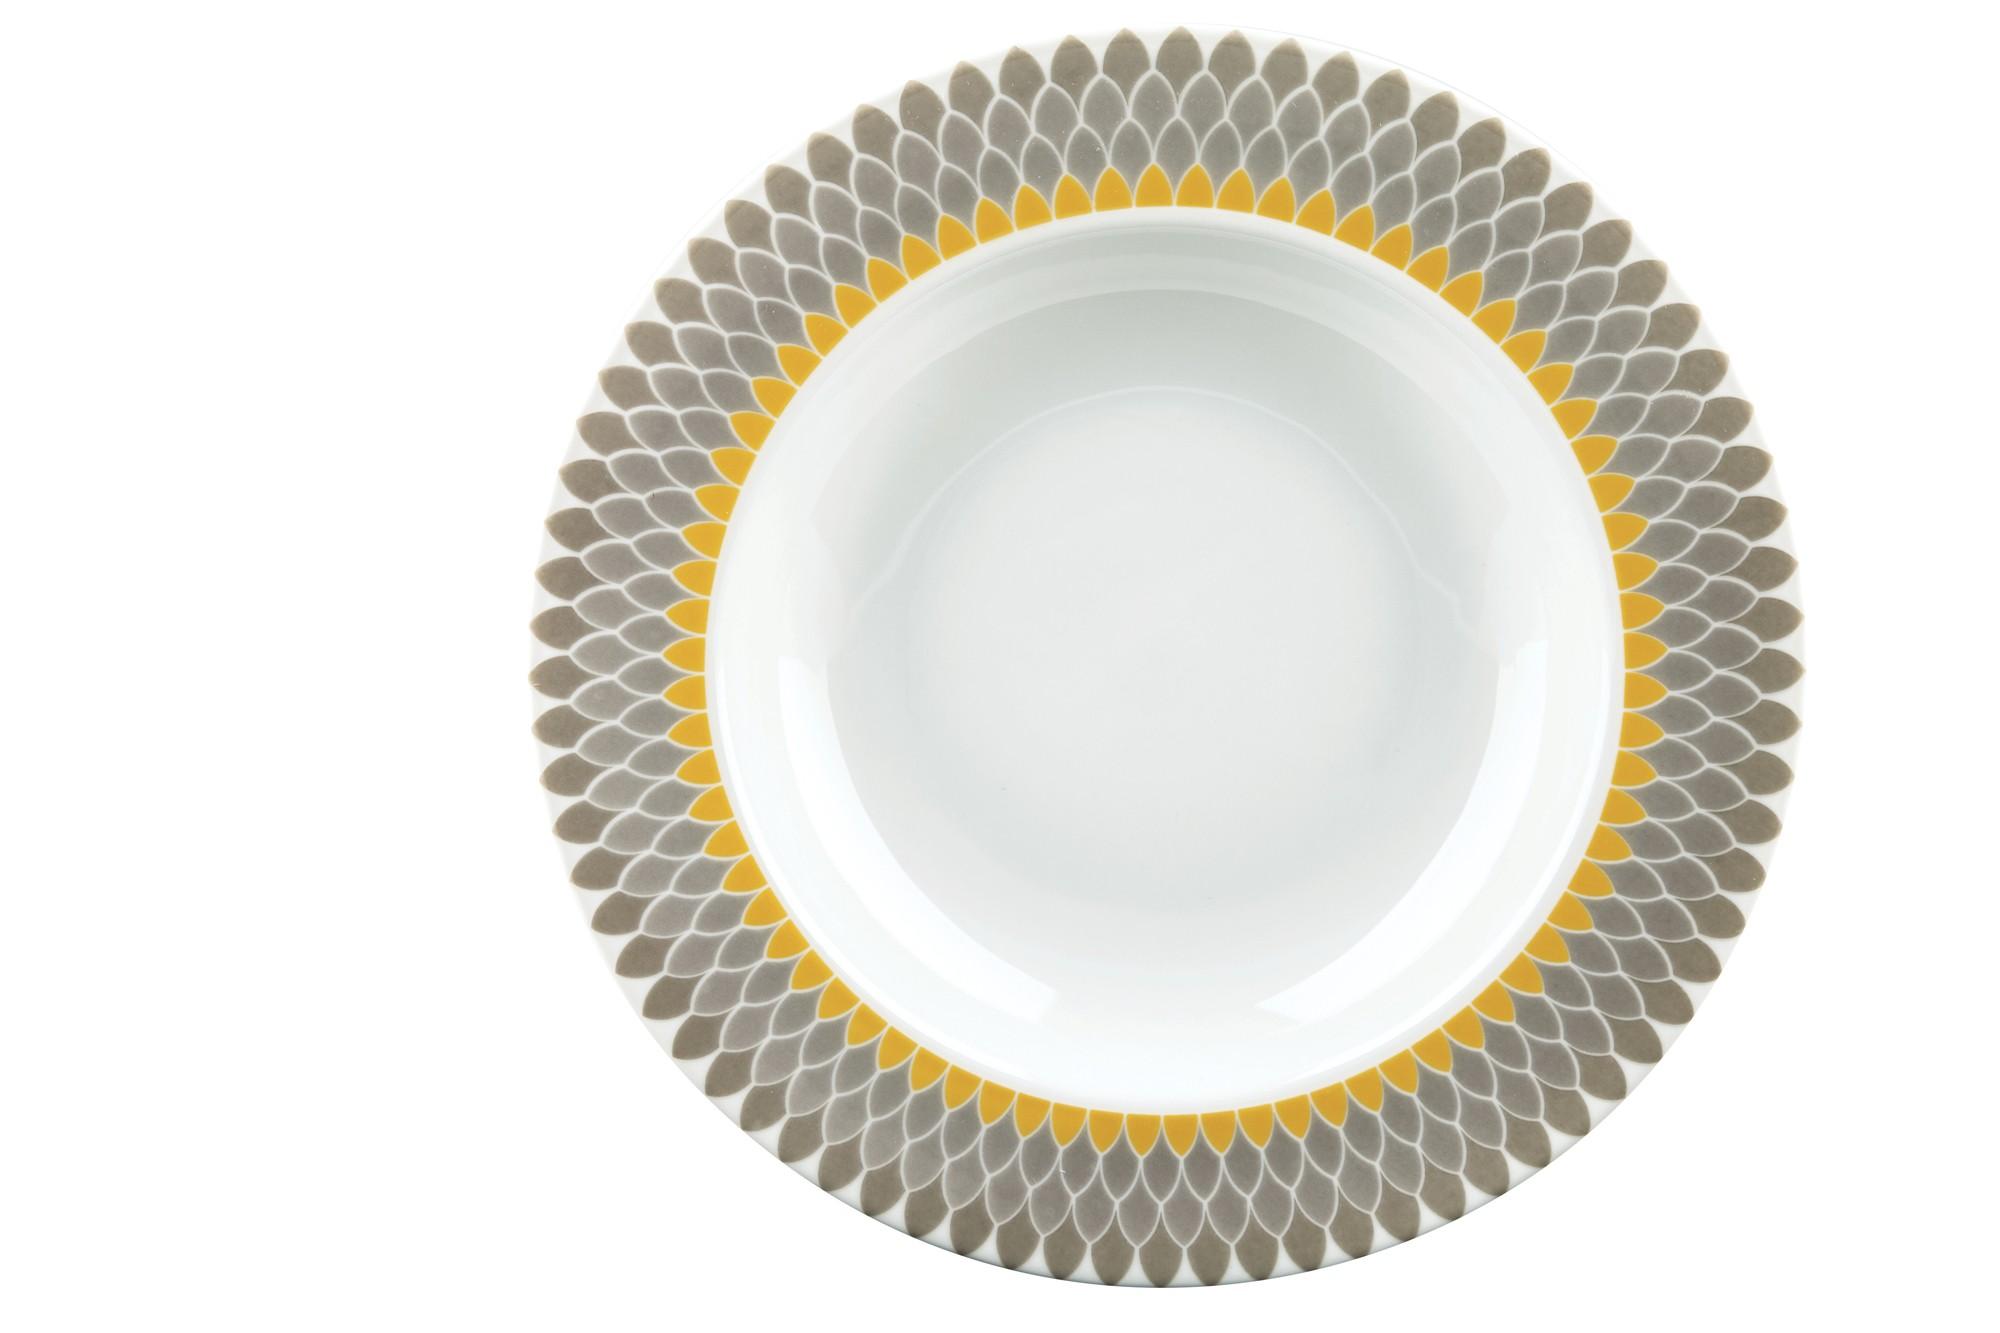 Πιάτο Βαθύ Σετ 6Τμχ Helios 23cm Ionia home   ειδη σερβιρισματος   πιάτα